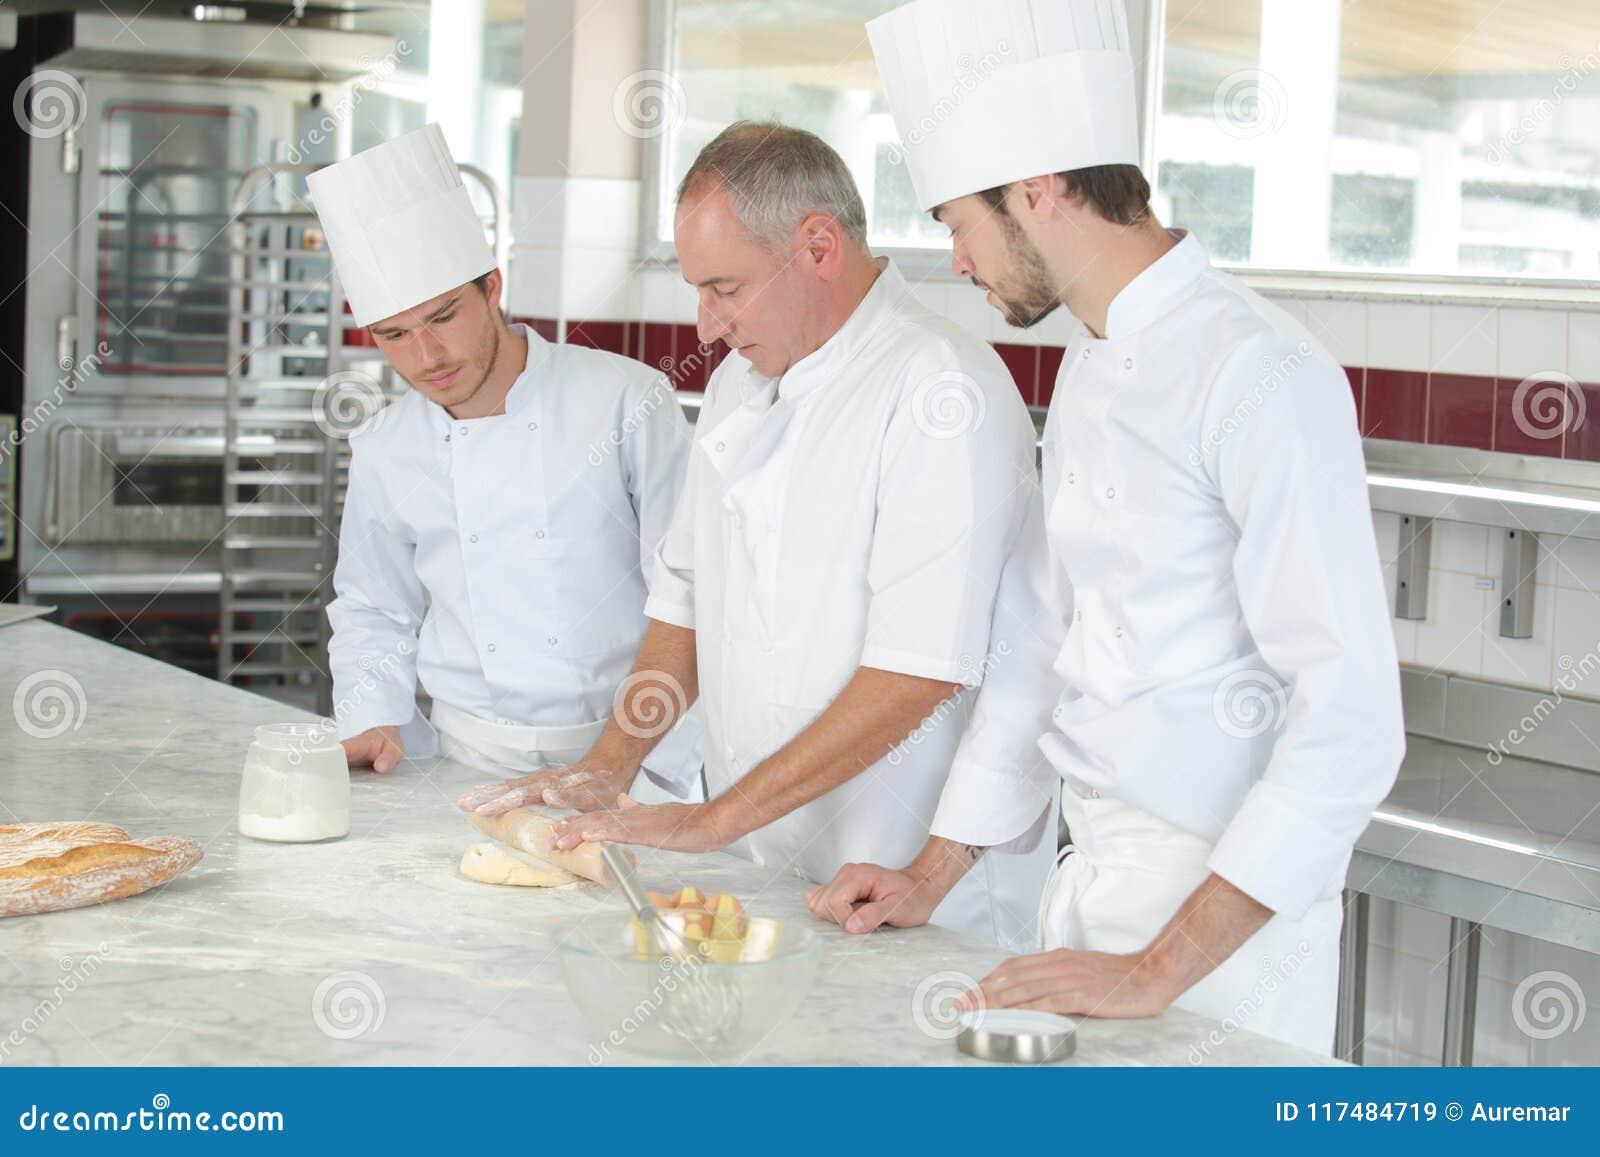 Estudantes culinários que aprendem como misturar a massa na cozinha